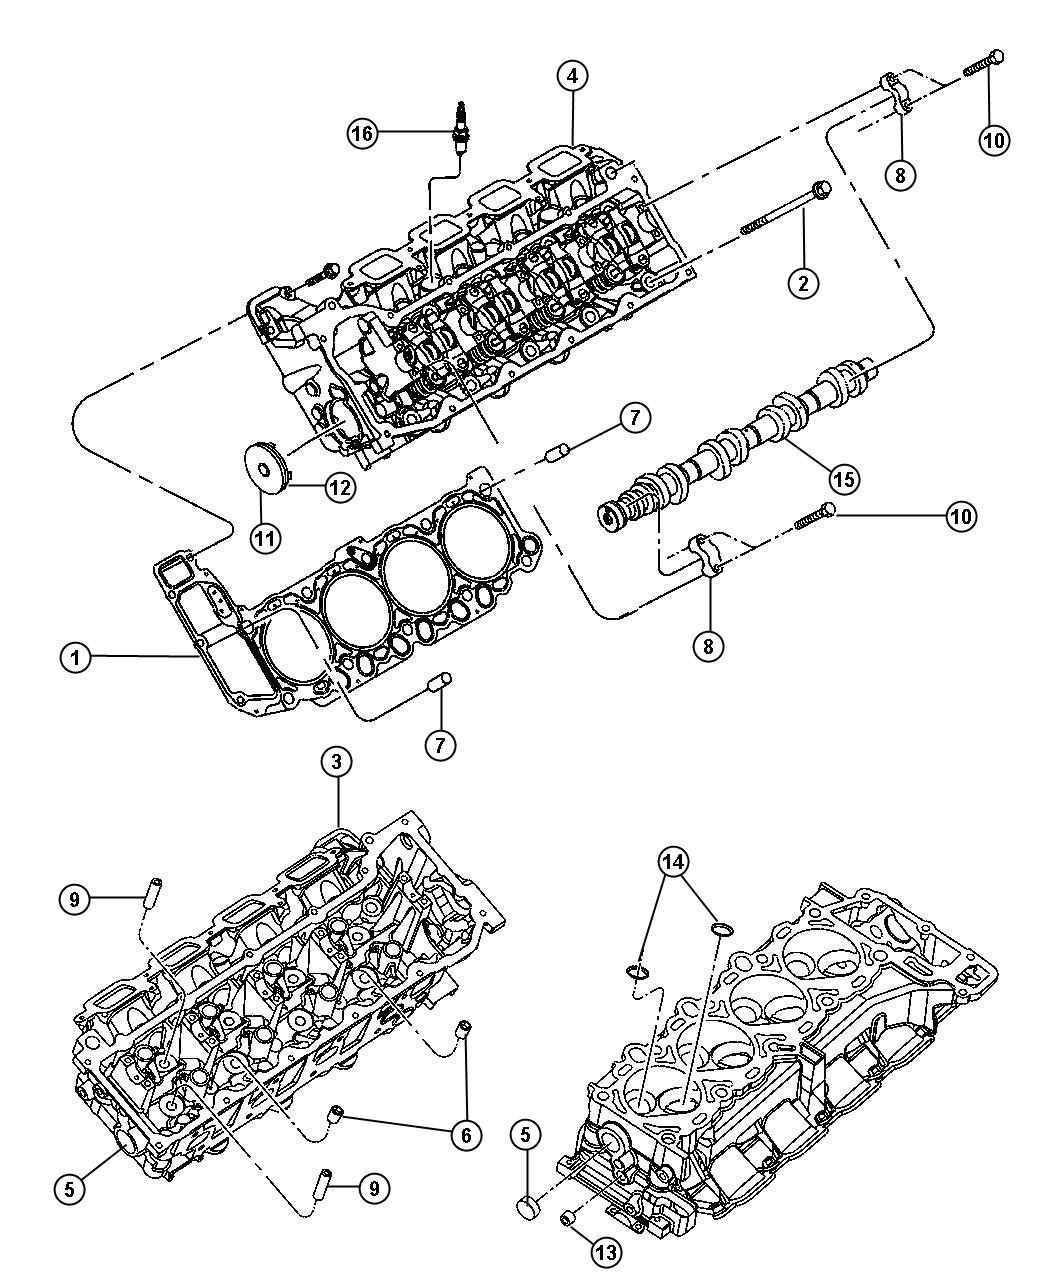 Chrysler Aspen Camshaft  Engine  Right  Right Side  Crew